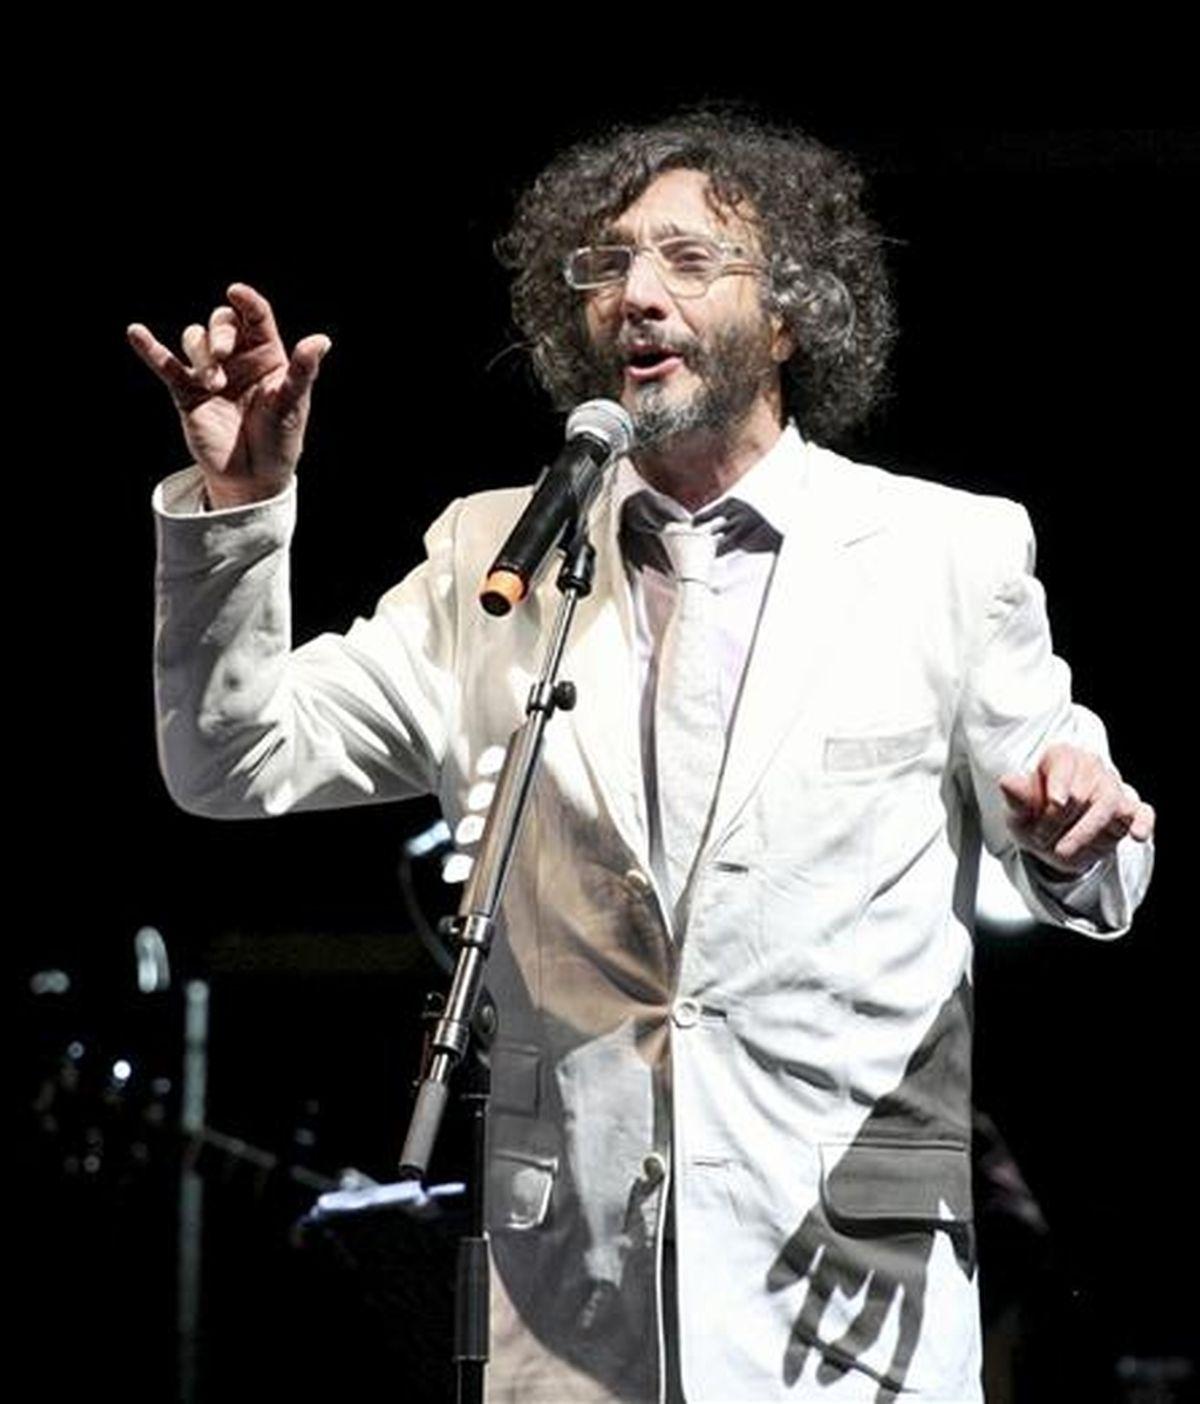 El cantante argentino Fito Páez, durante el concierto ofrecido esta noche en el auditorio Lanuza de Sallent de Gállego, en Huesca, en la tercera jornada del Festival Pirineos-Sur. EFE